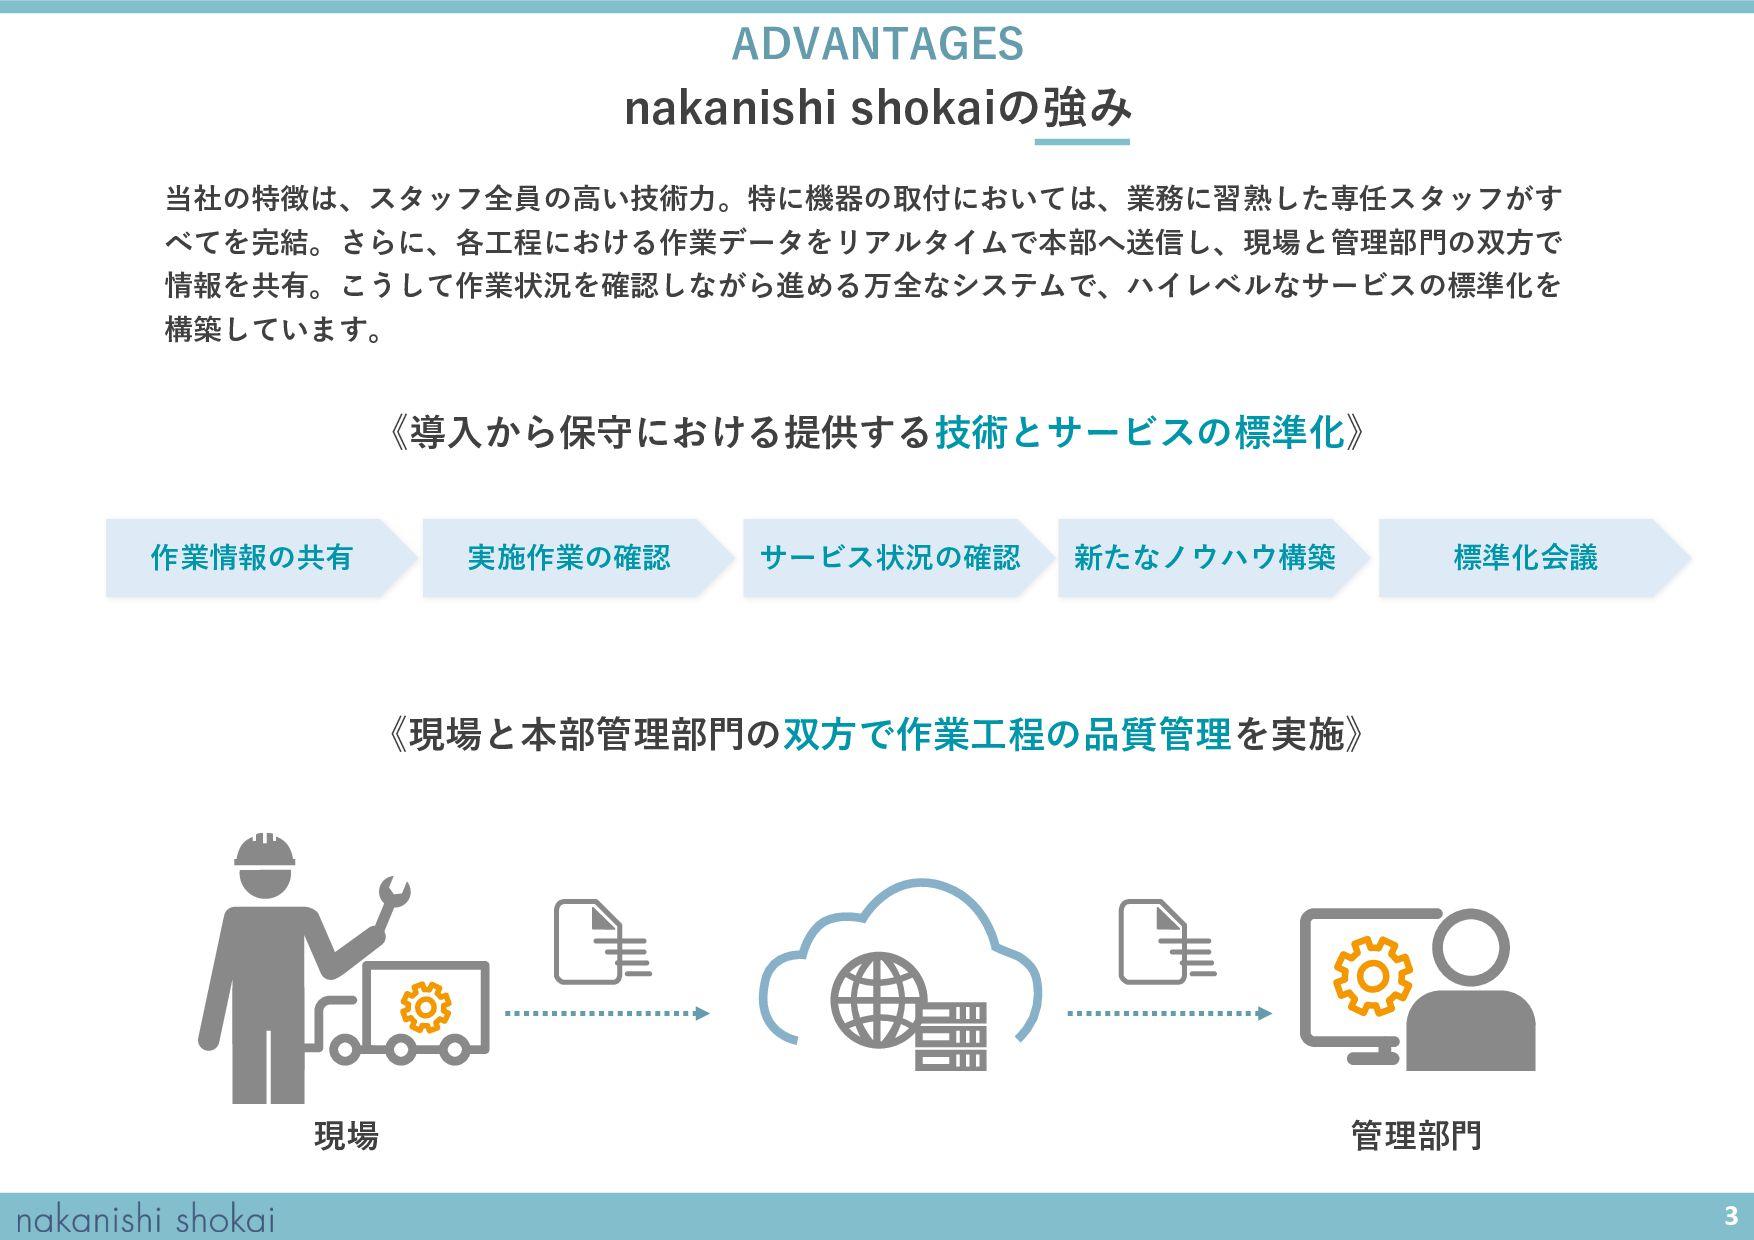 nakanishi shokaiの強み ADVANTAGES 当社の特徴は、スタッフ全員の⾼い...